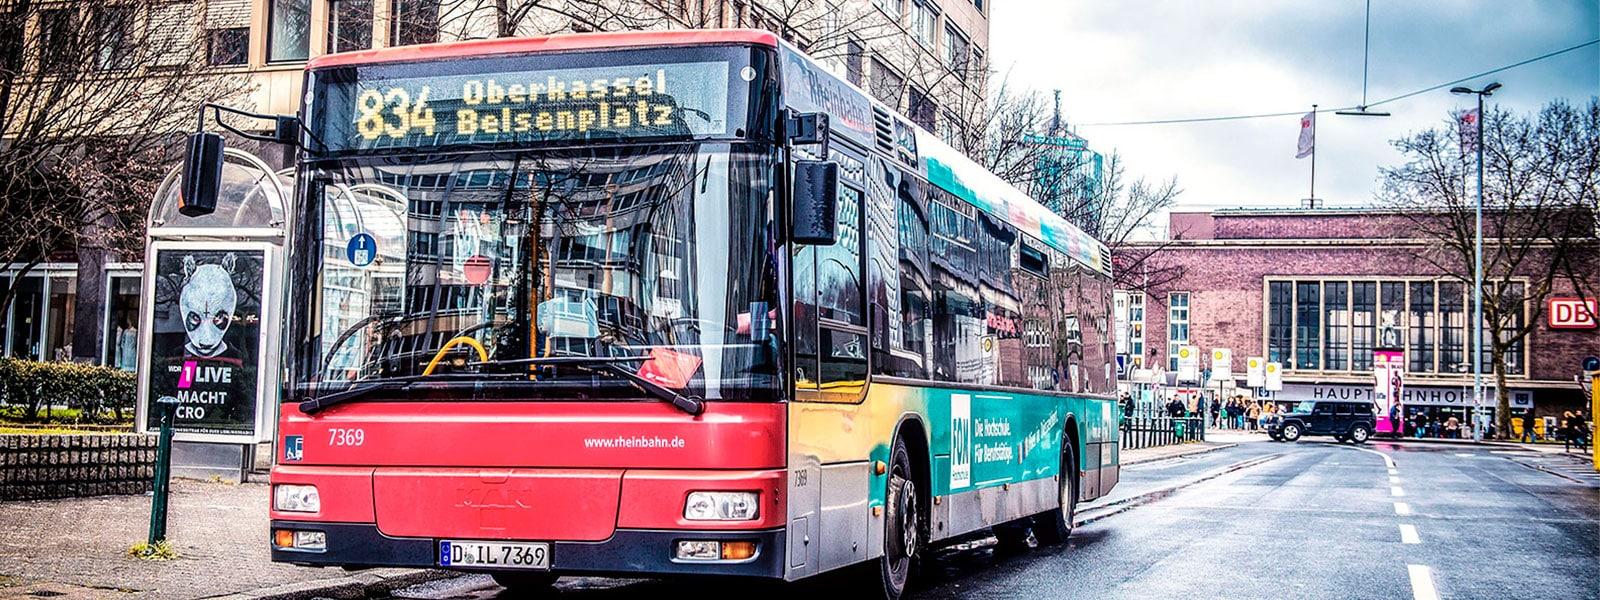 Duesseldorf-Buswerbung-Teilgestaltung